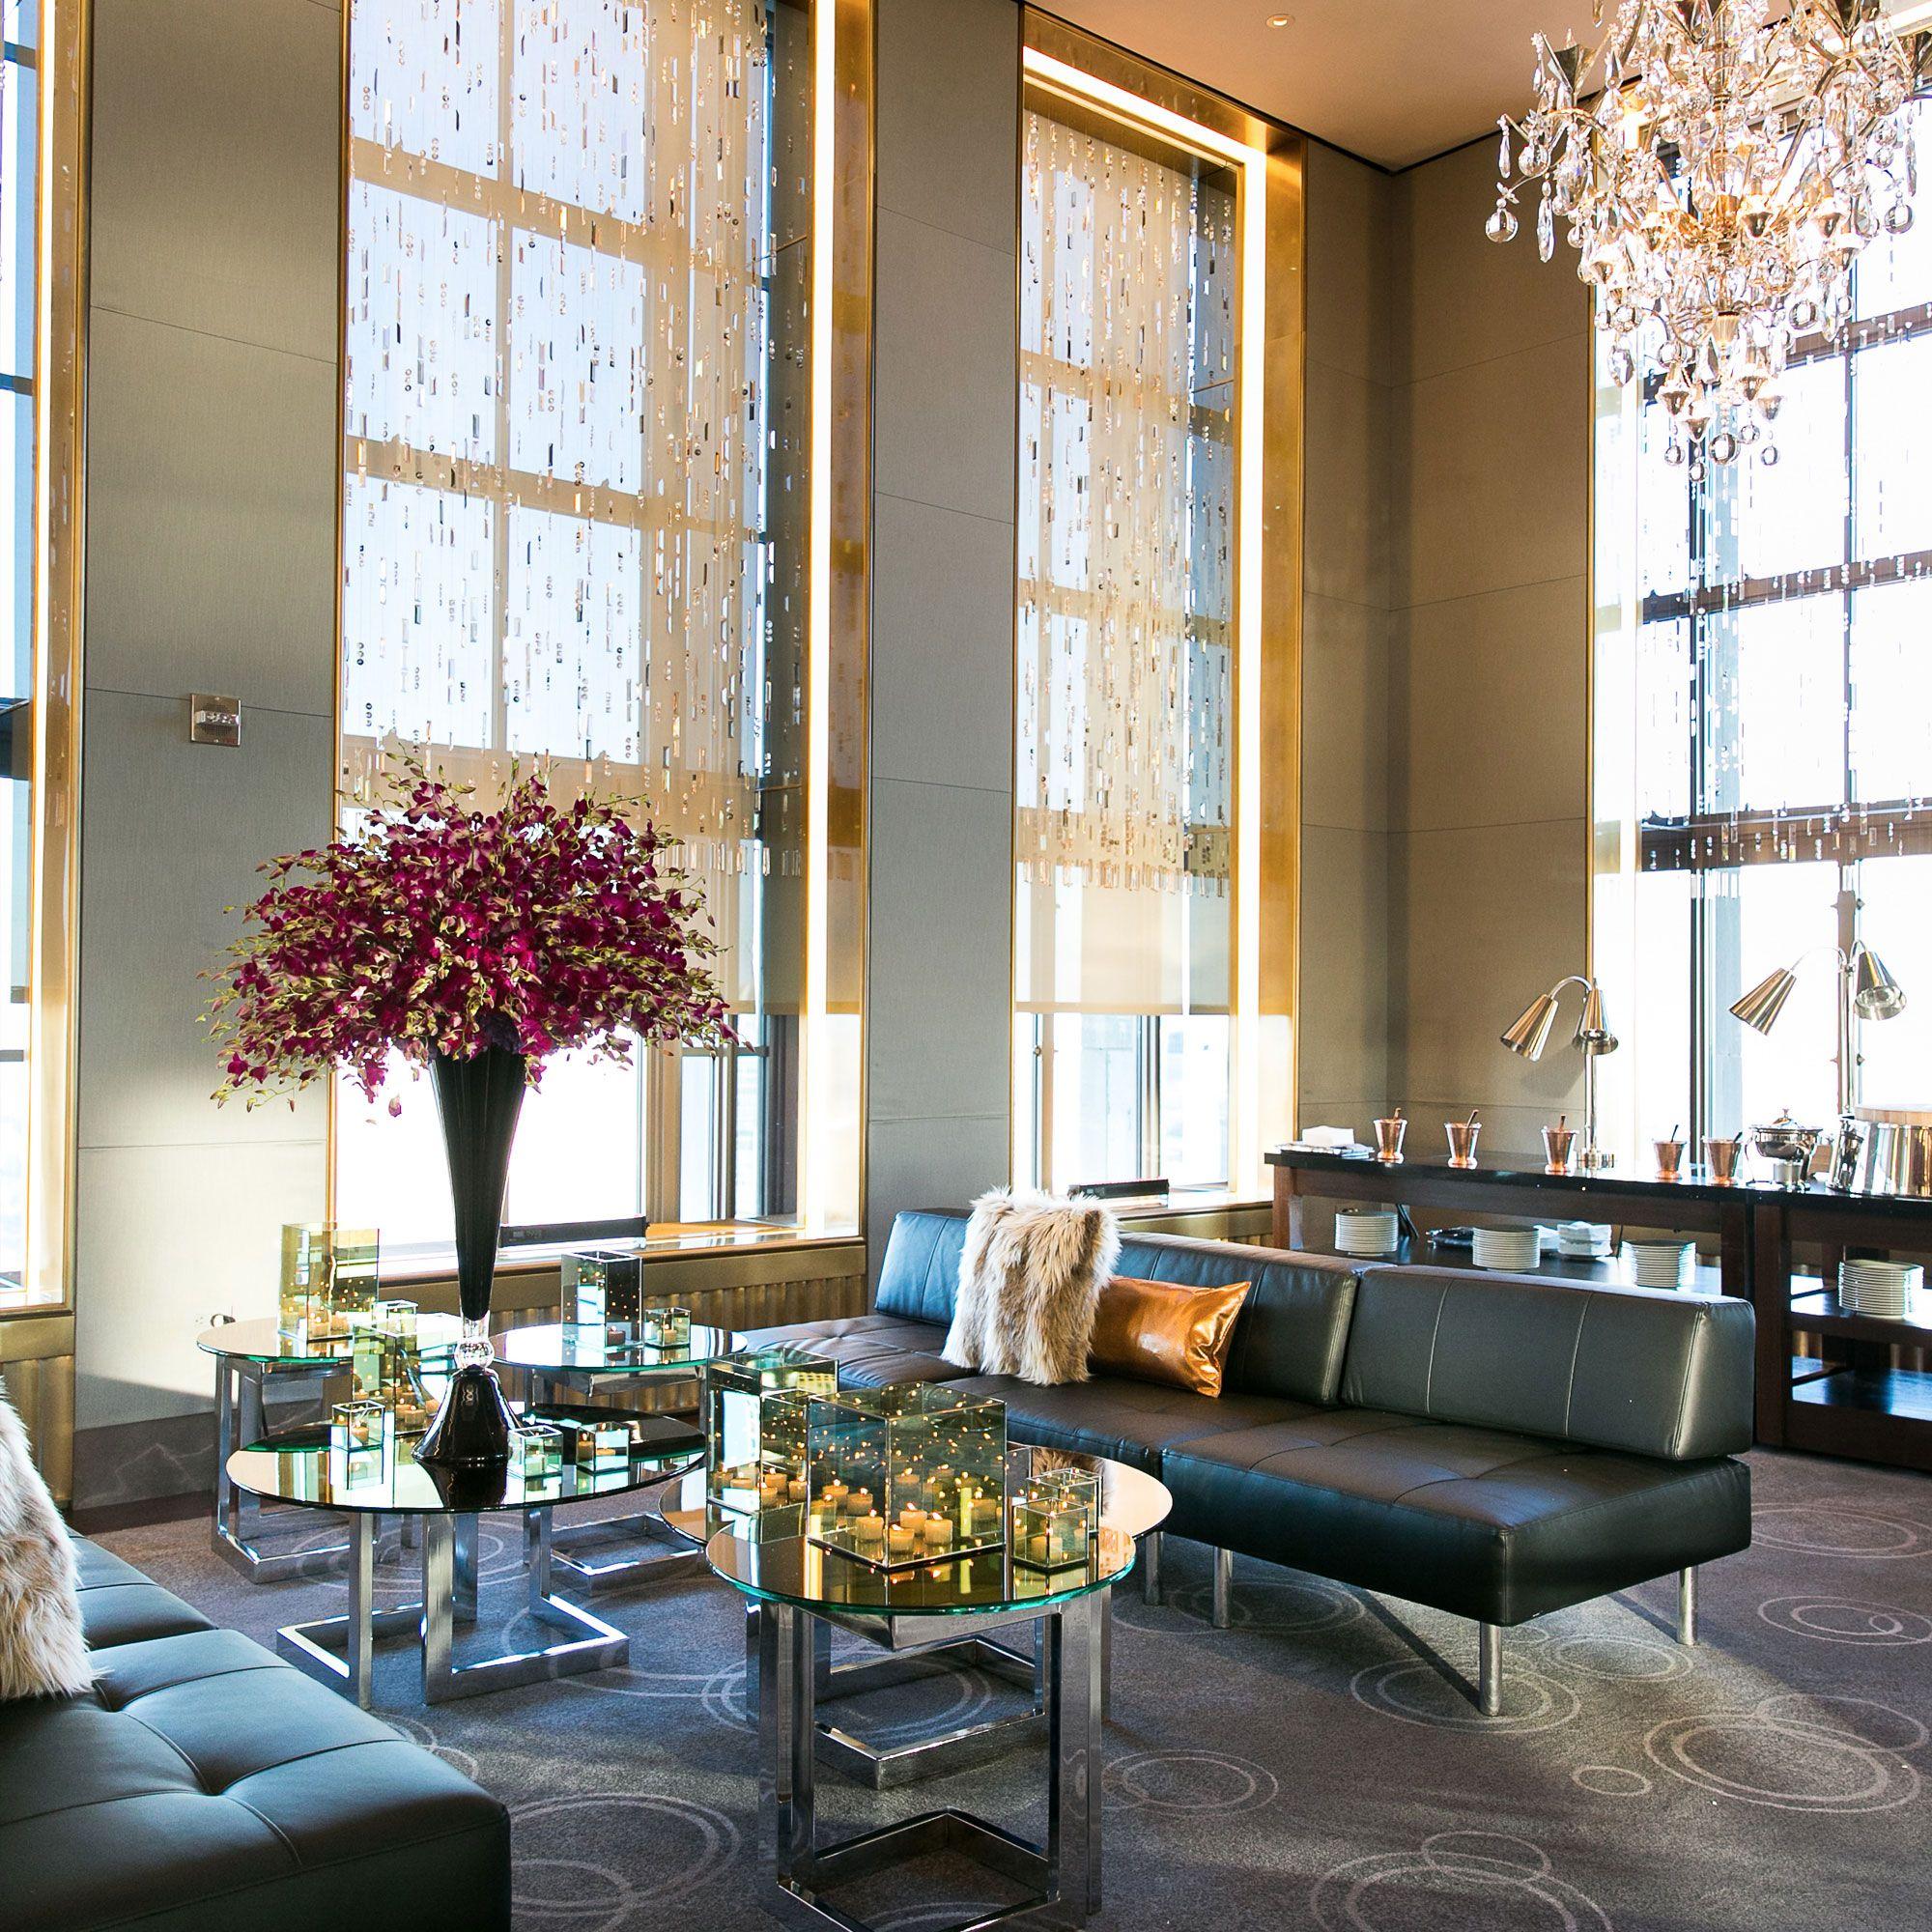 Luxury Rooftop Wedding Venue, Striking NYC Views | Rooftop ...